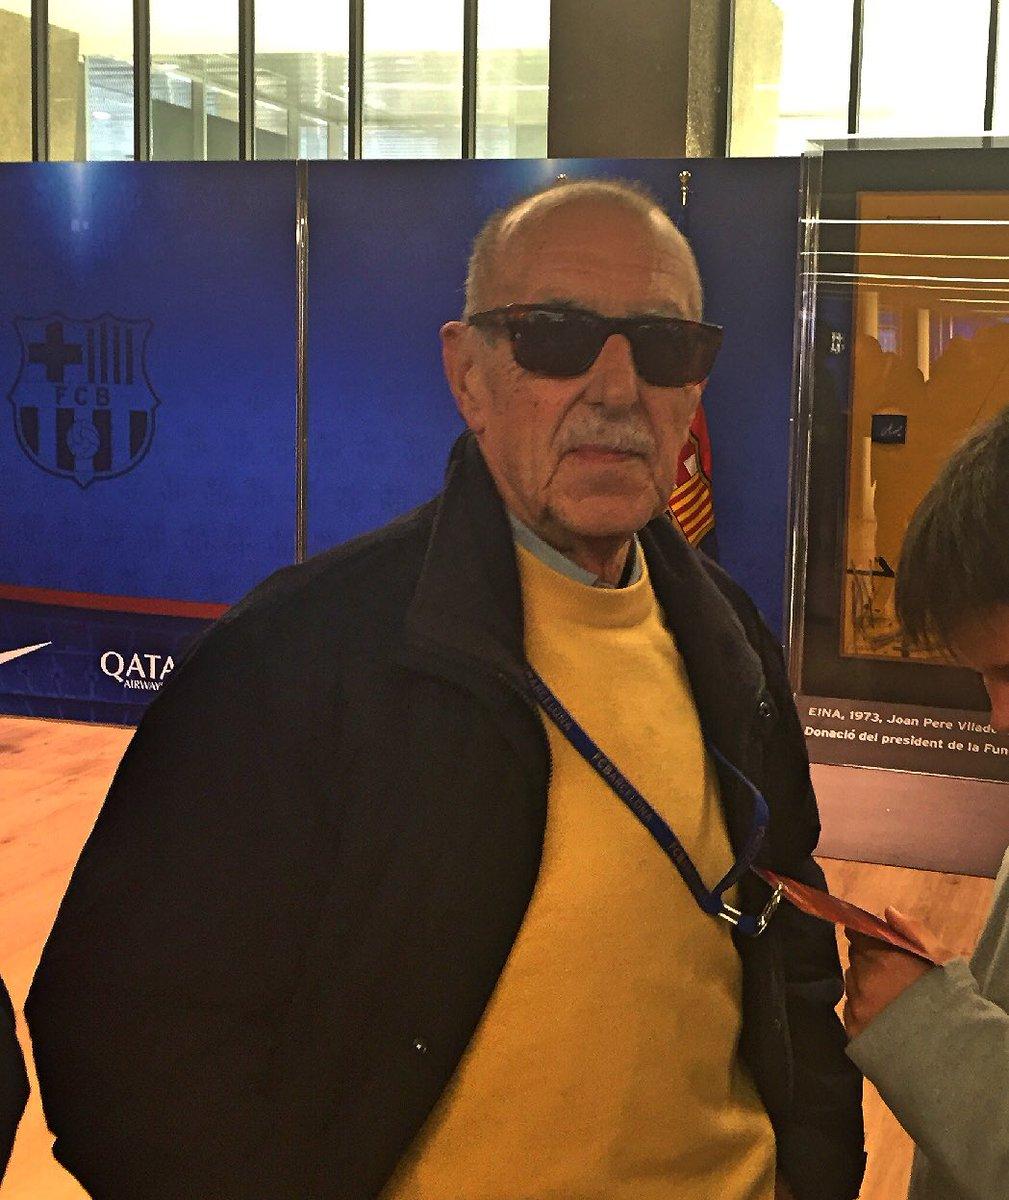 Avui fa anys una grandíssima persona, en Manel Vich, l'speaker del Camp Nou. En fa 78 anys. Per molts anys, amic! https://t.co/8xDTObxXBK